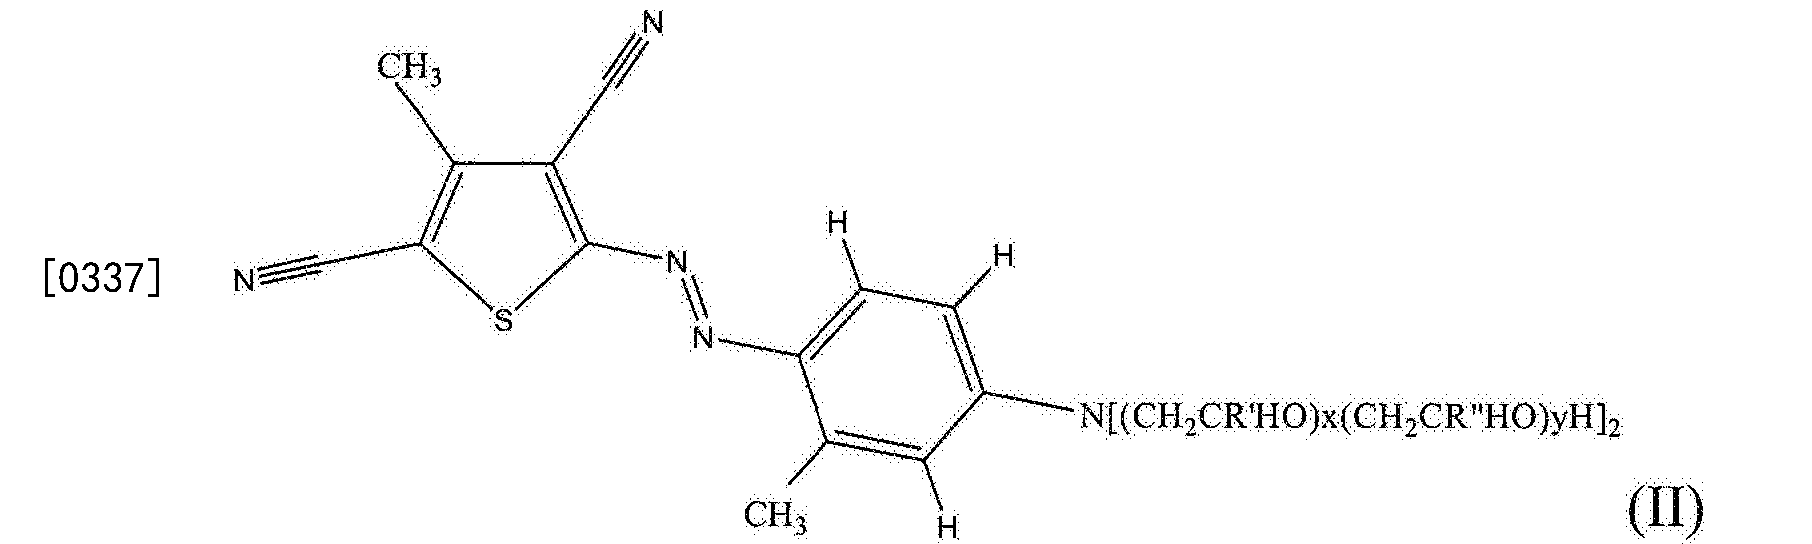 Figure CN103764823BD01462